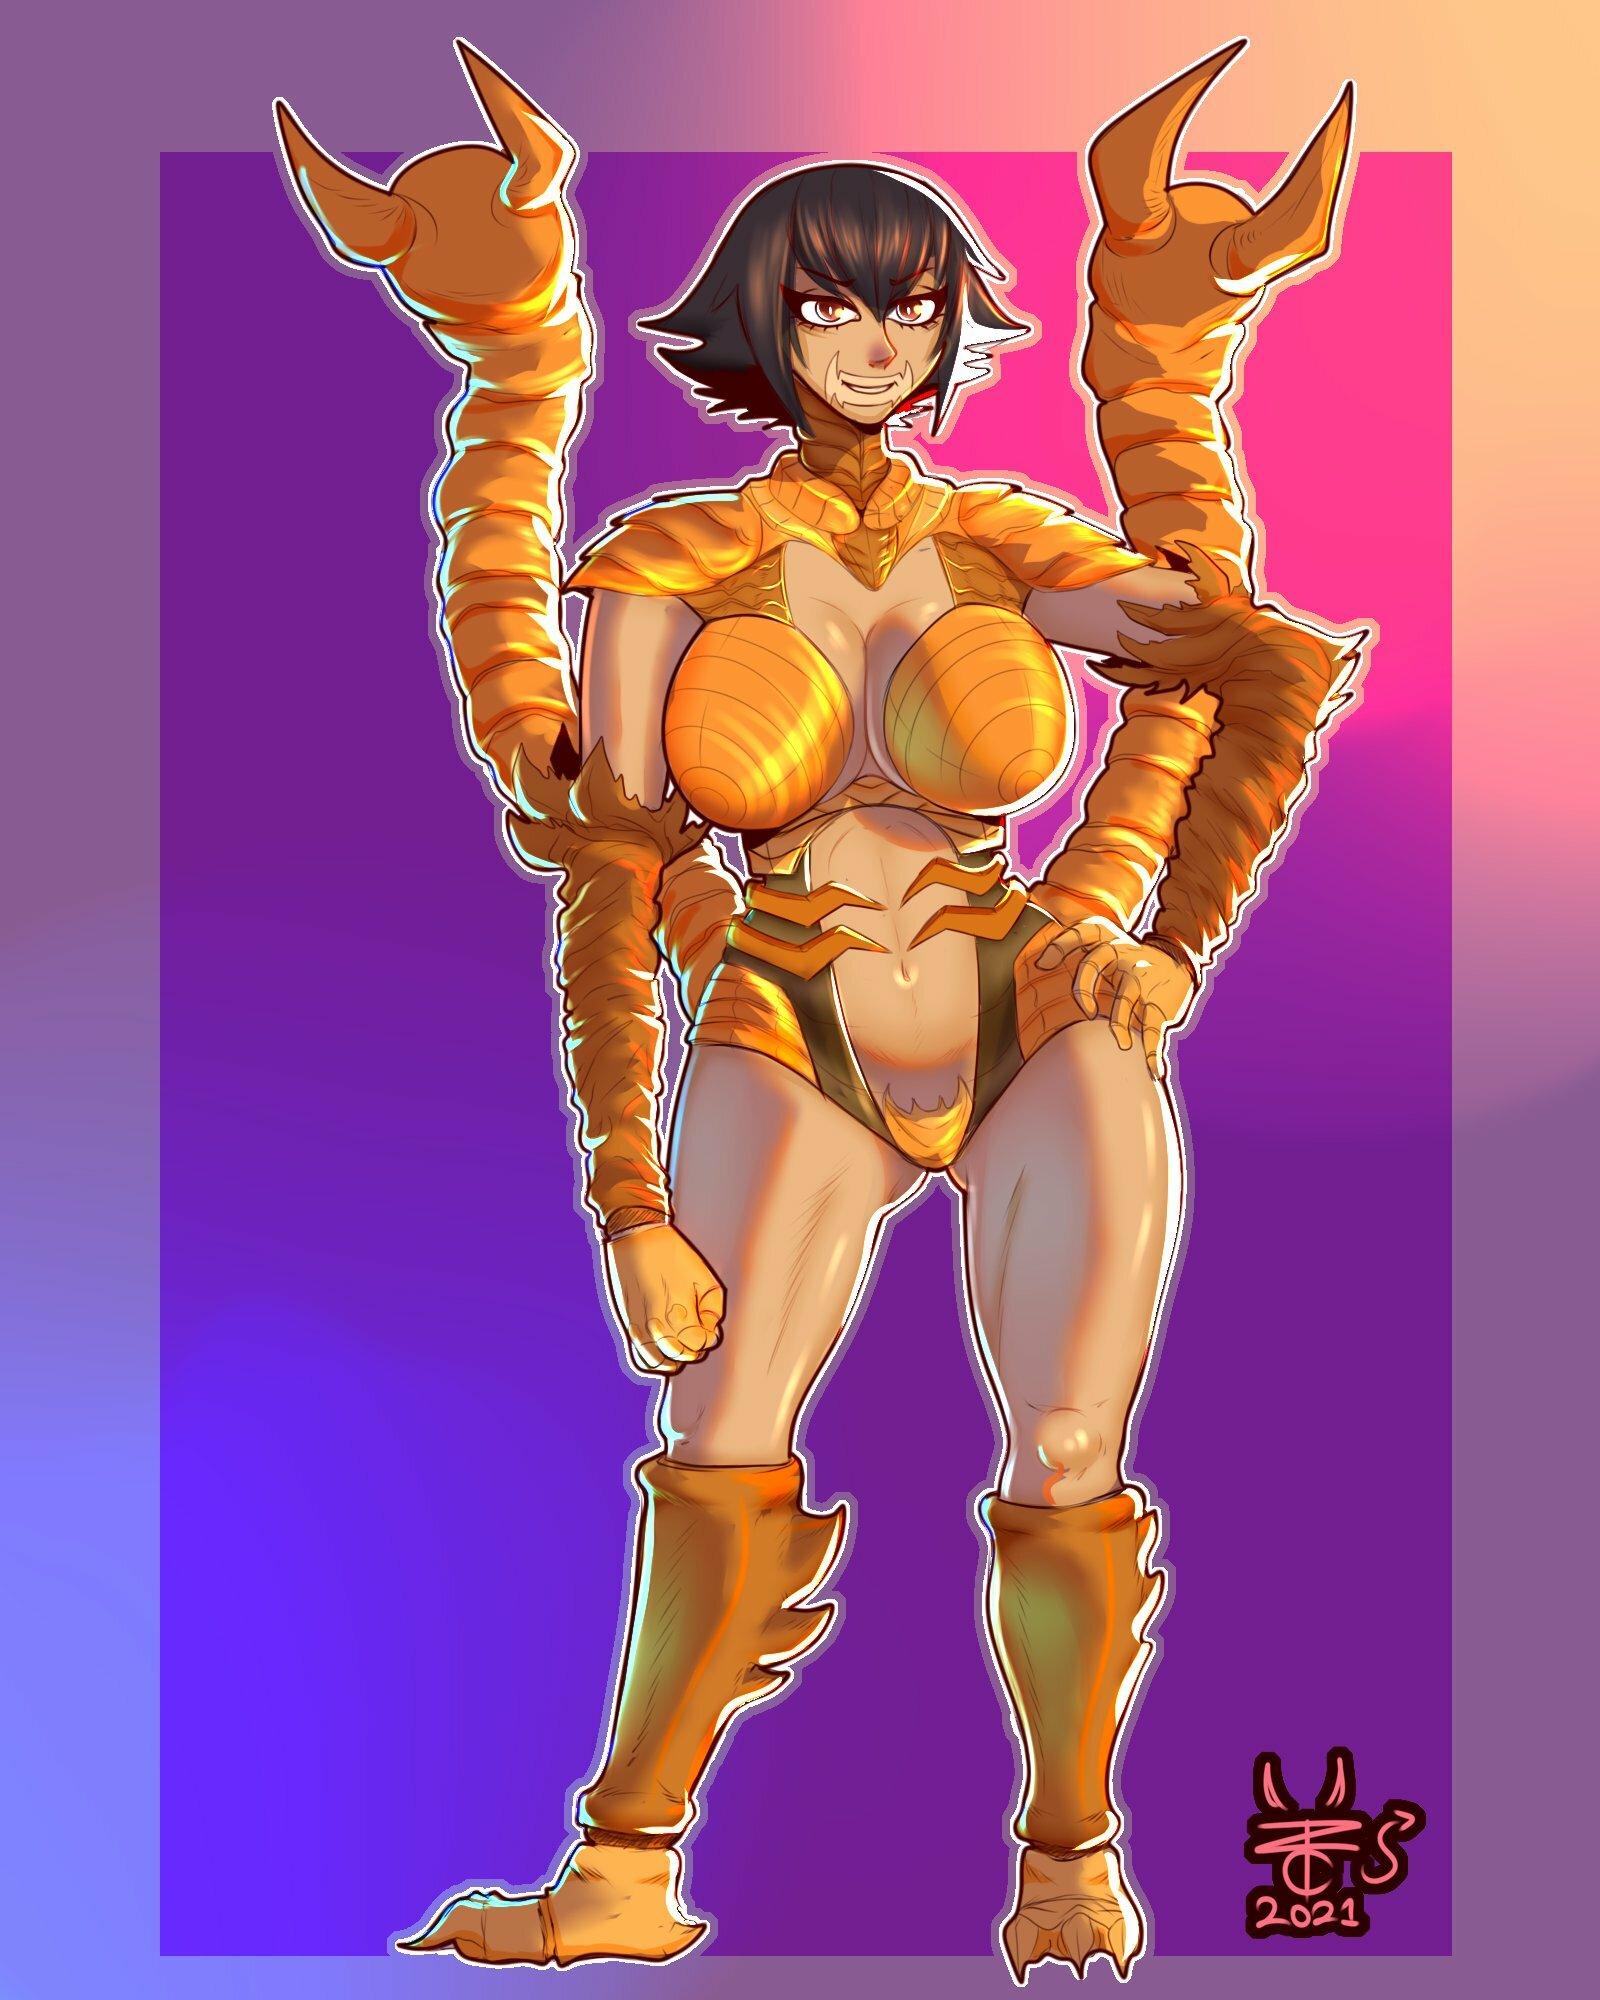 Scorpion OC